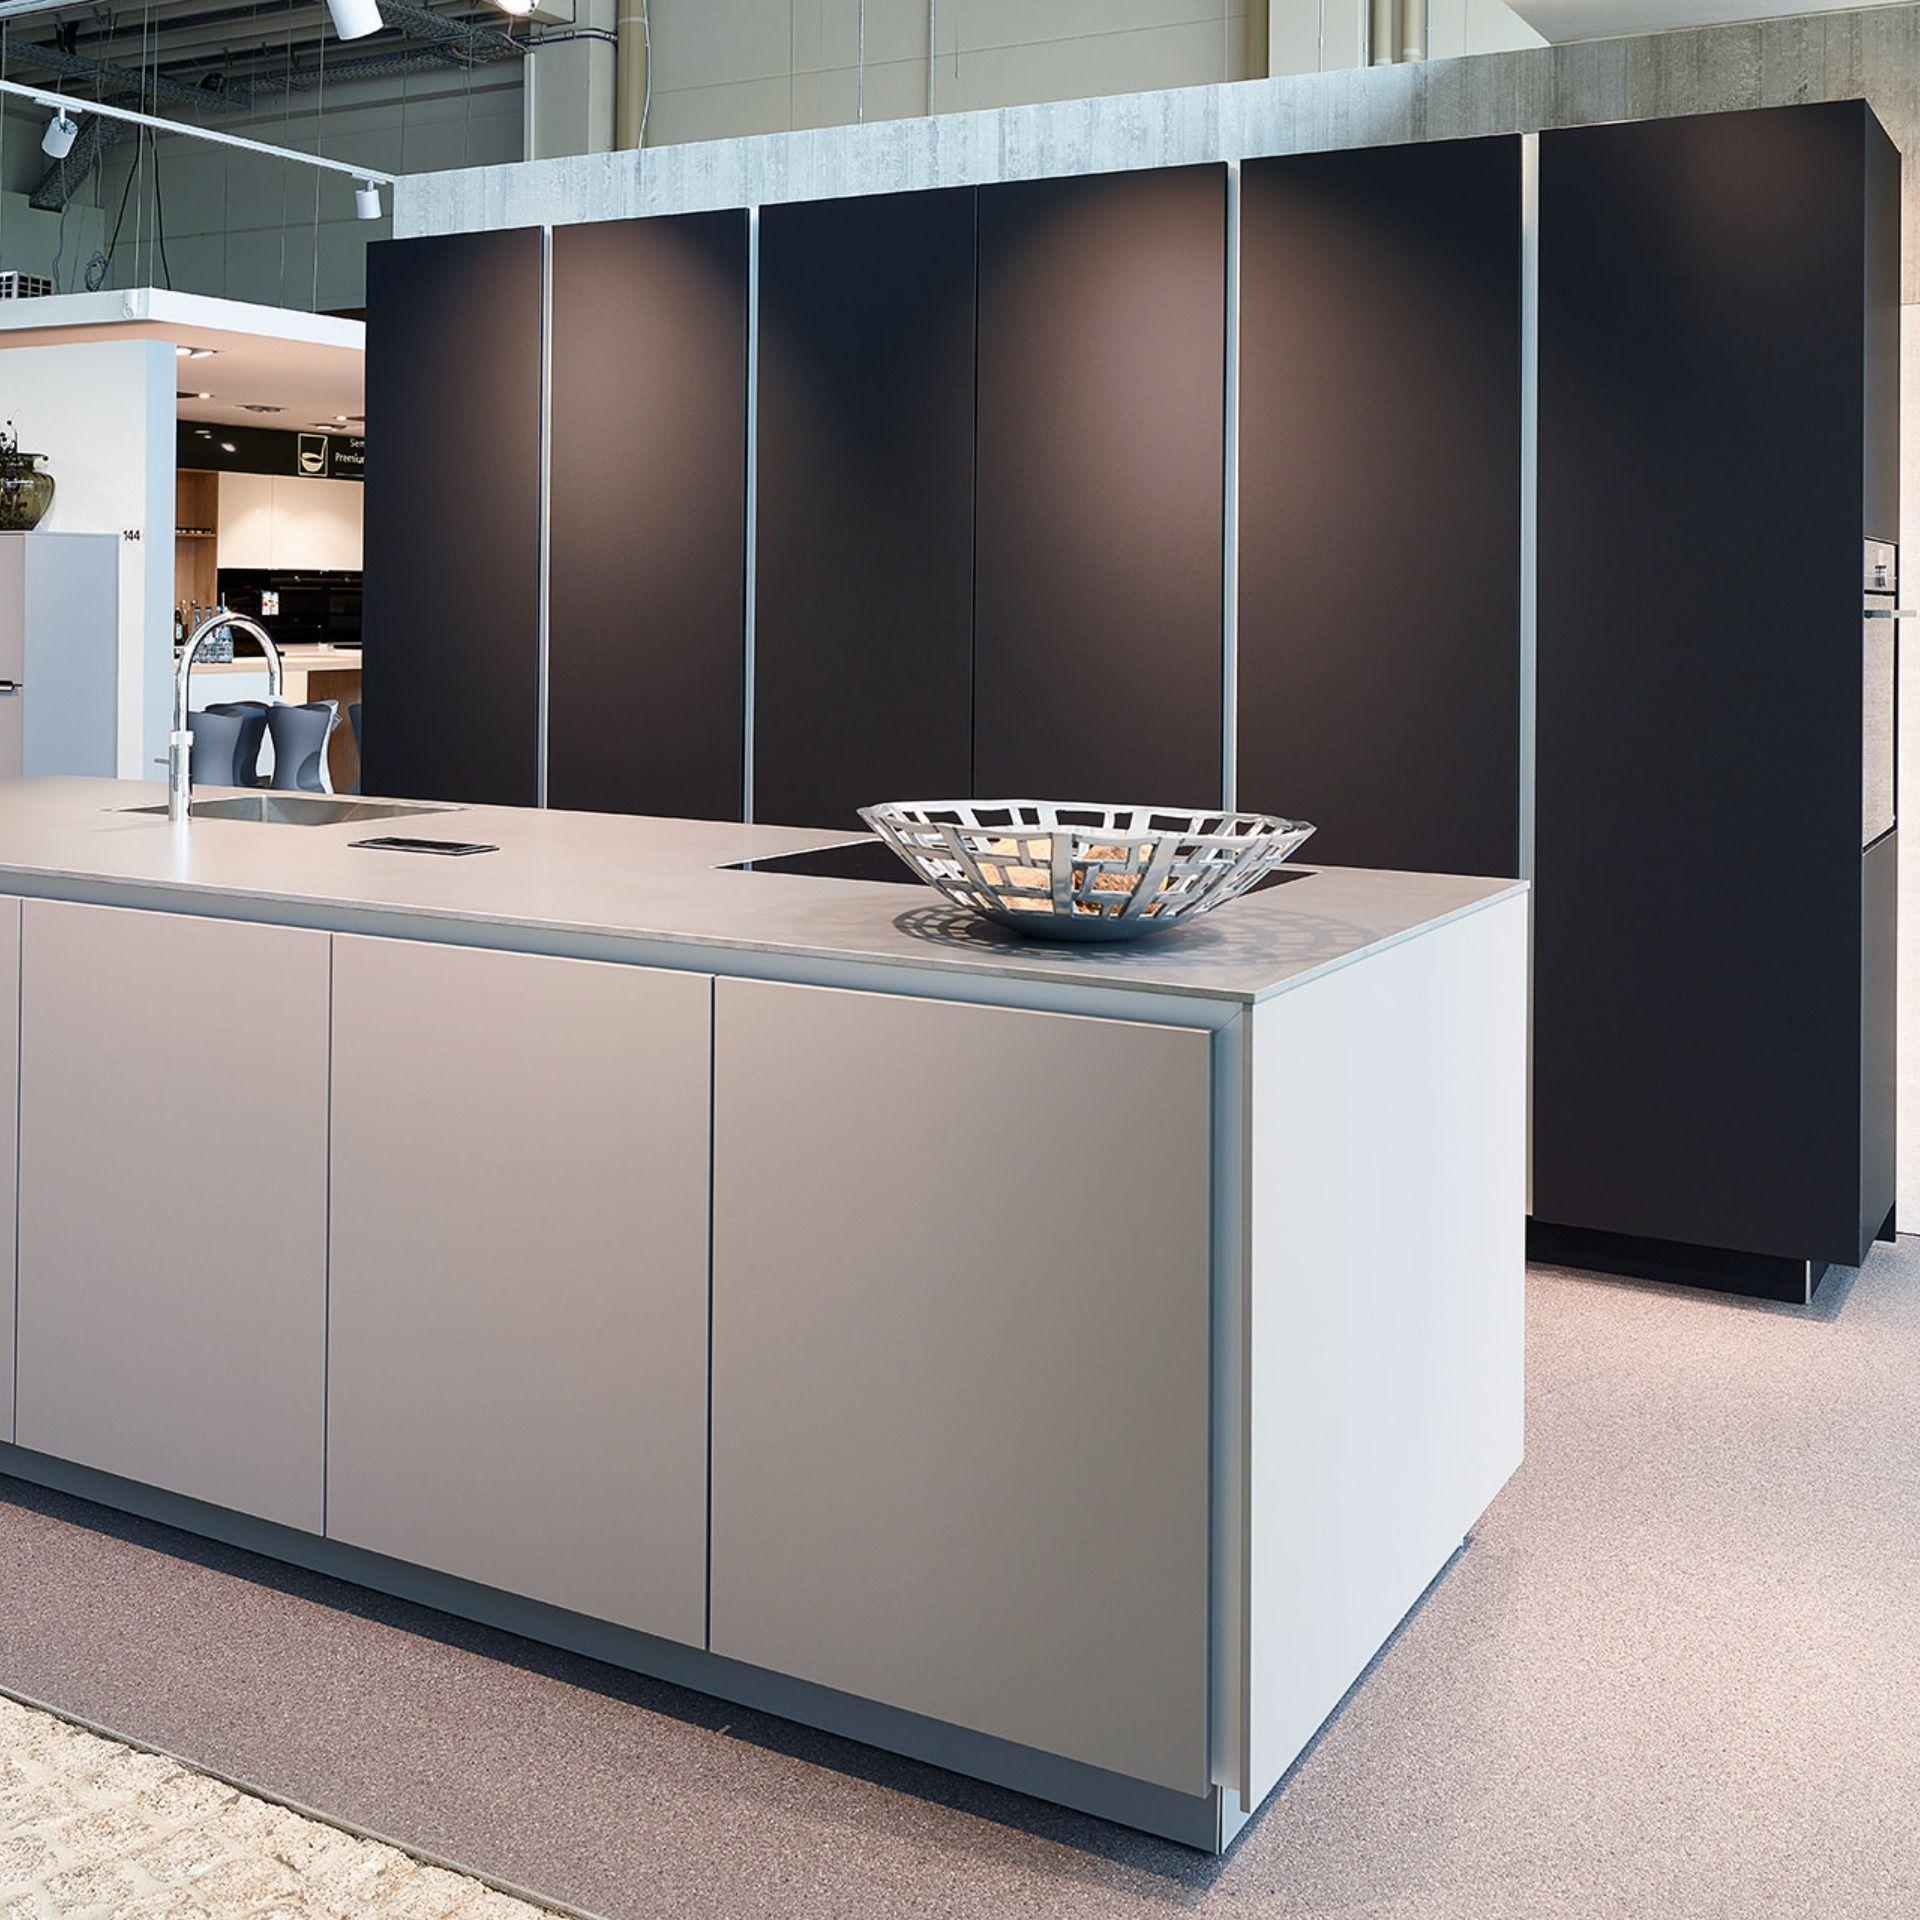 Full Size of Küchen Regal Wohnzimmer Poggenpohl Küchen